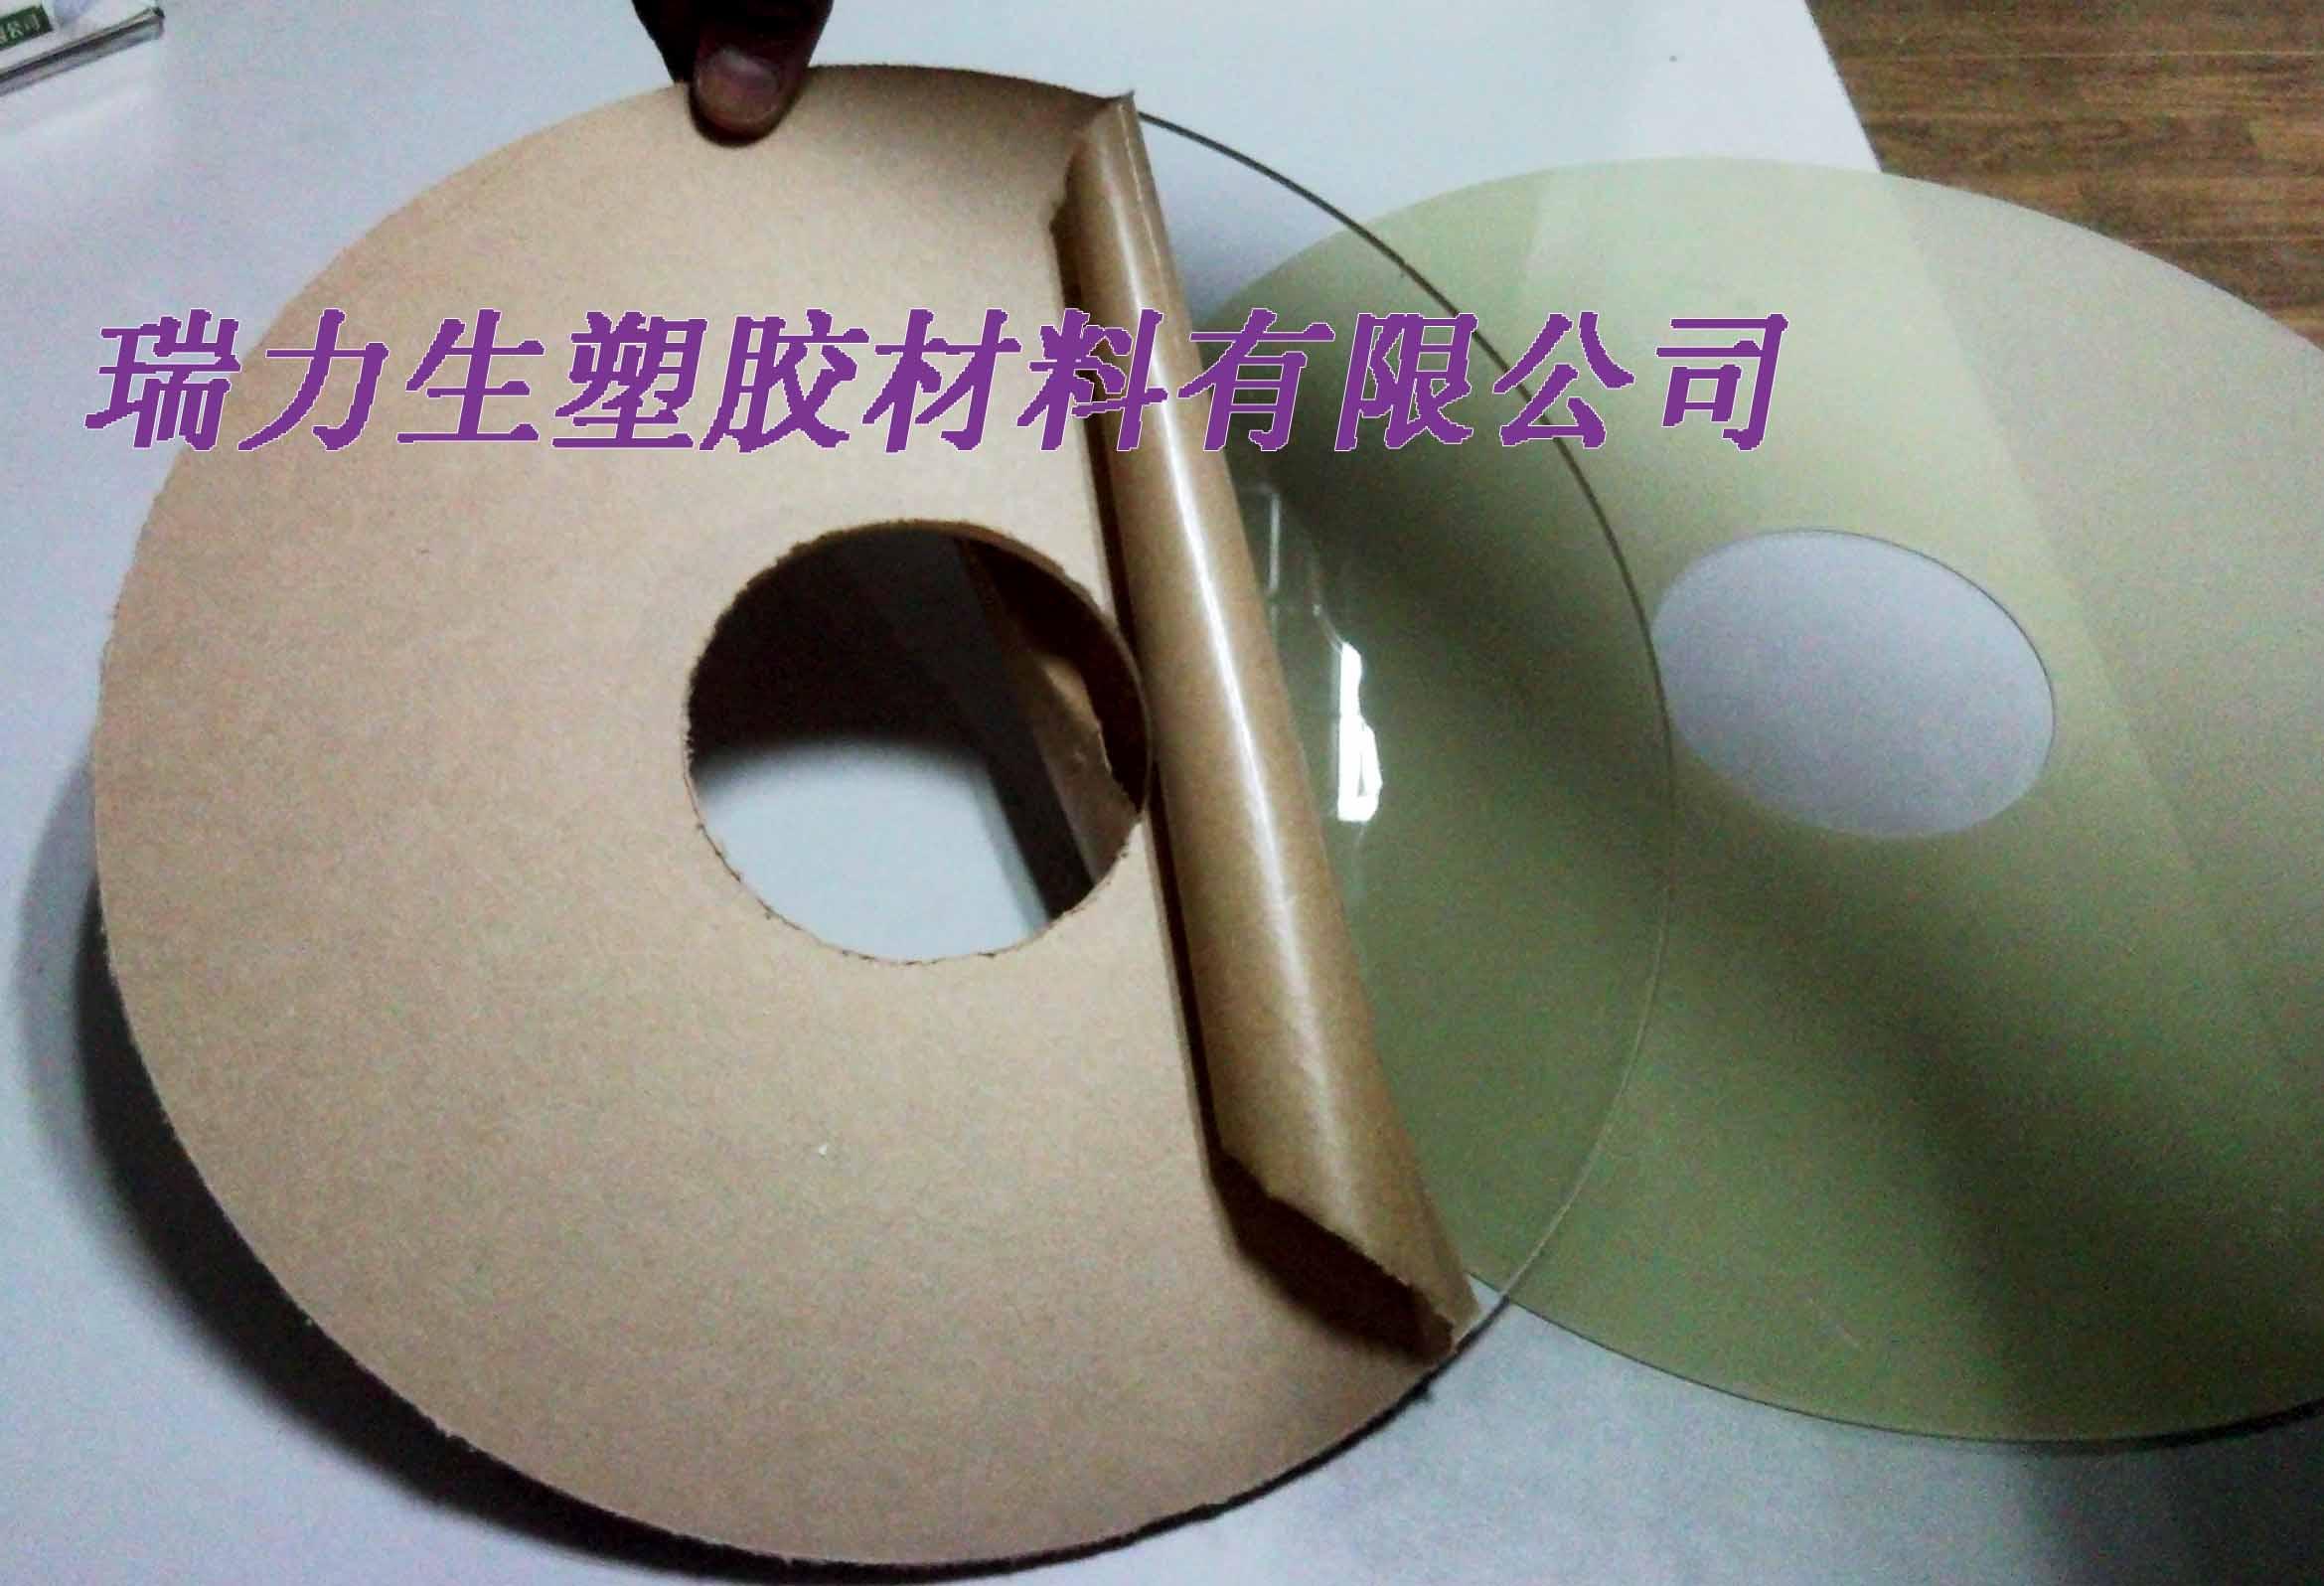 供应进口透明聚碳酸脂成品加工/进口透明PC制品加工批发